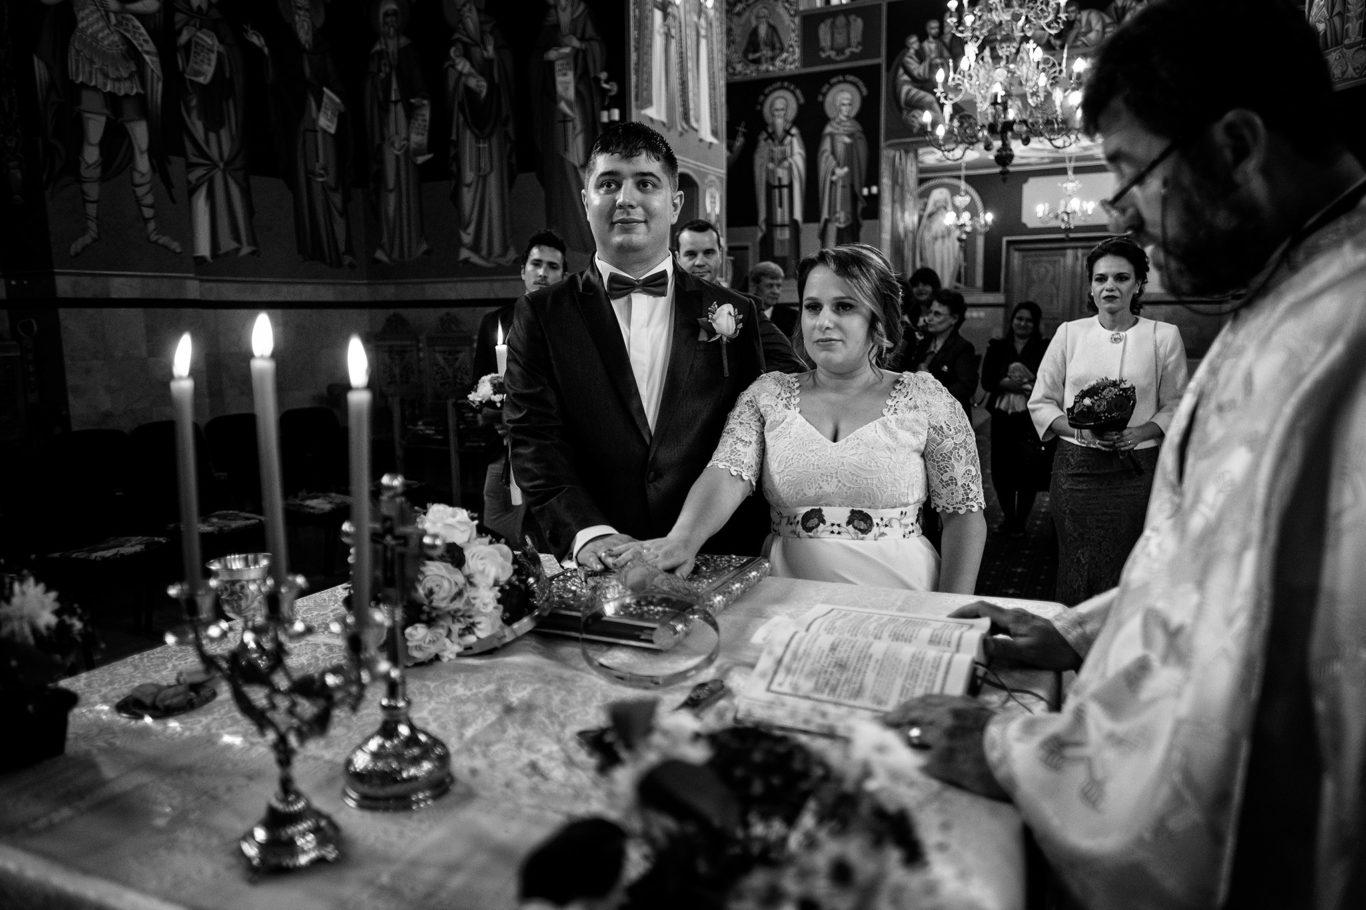 0173-Fotografie-nunta-Flory-Cristi-fotograf-Ciprian-Dumitrescu-DSCF8022